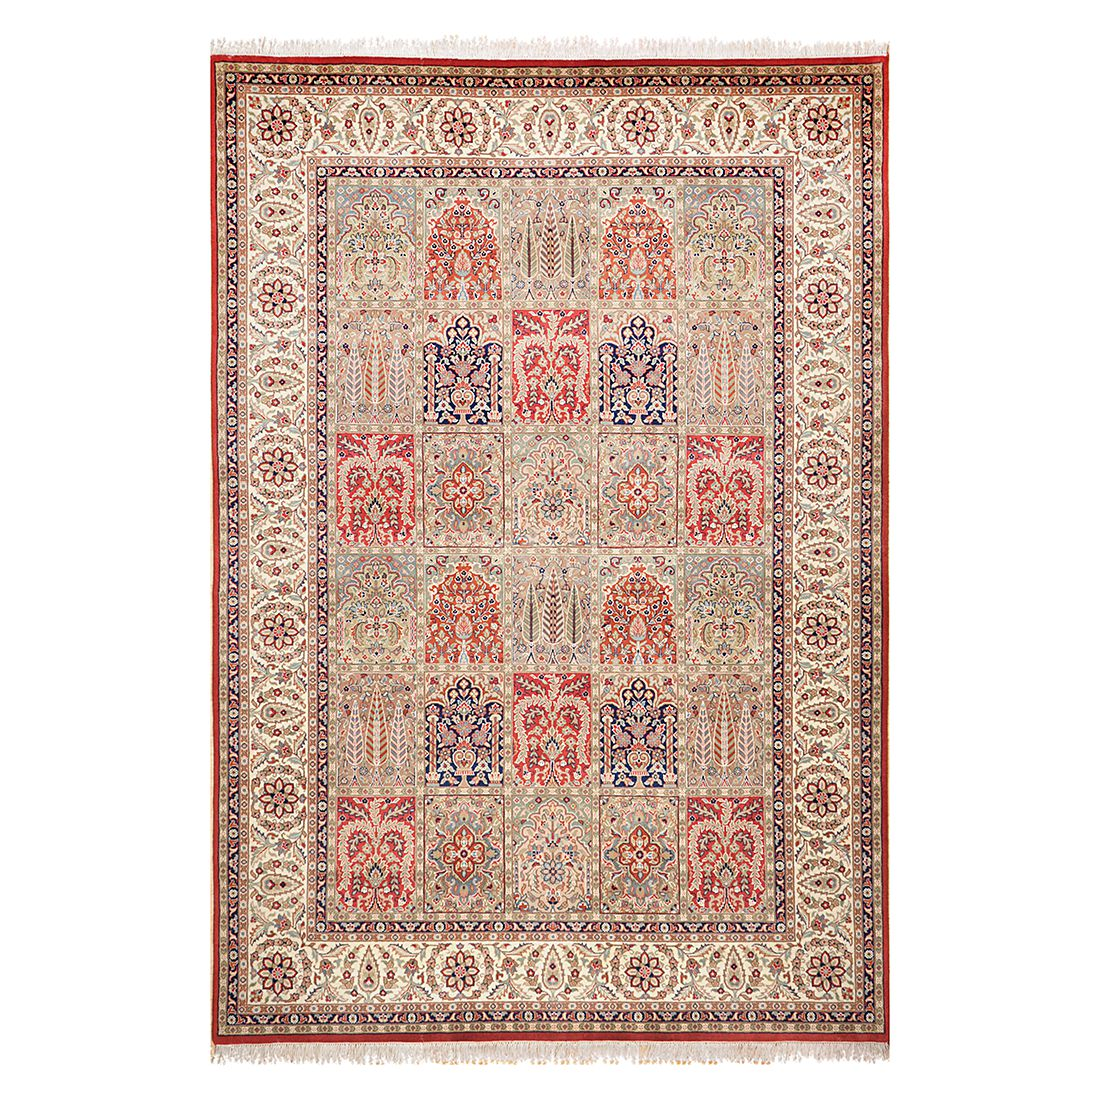 Teppich Sirsa Silk touch - Seide/Rot - 200 cm x 300 cm, Theko die markenteppiche